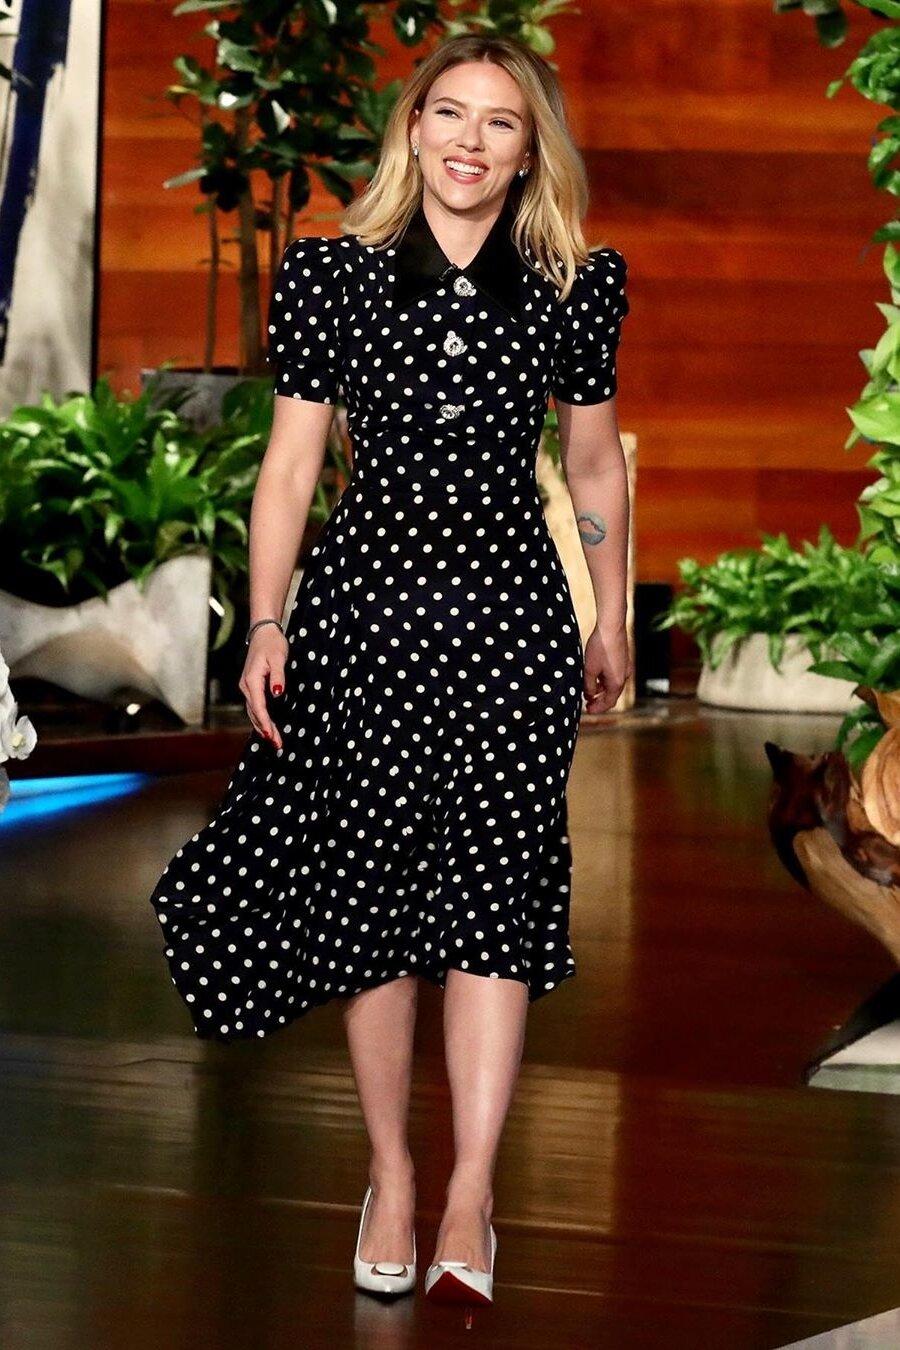 scarlett-johansson-blcak-polka dot-dress.jpg